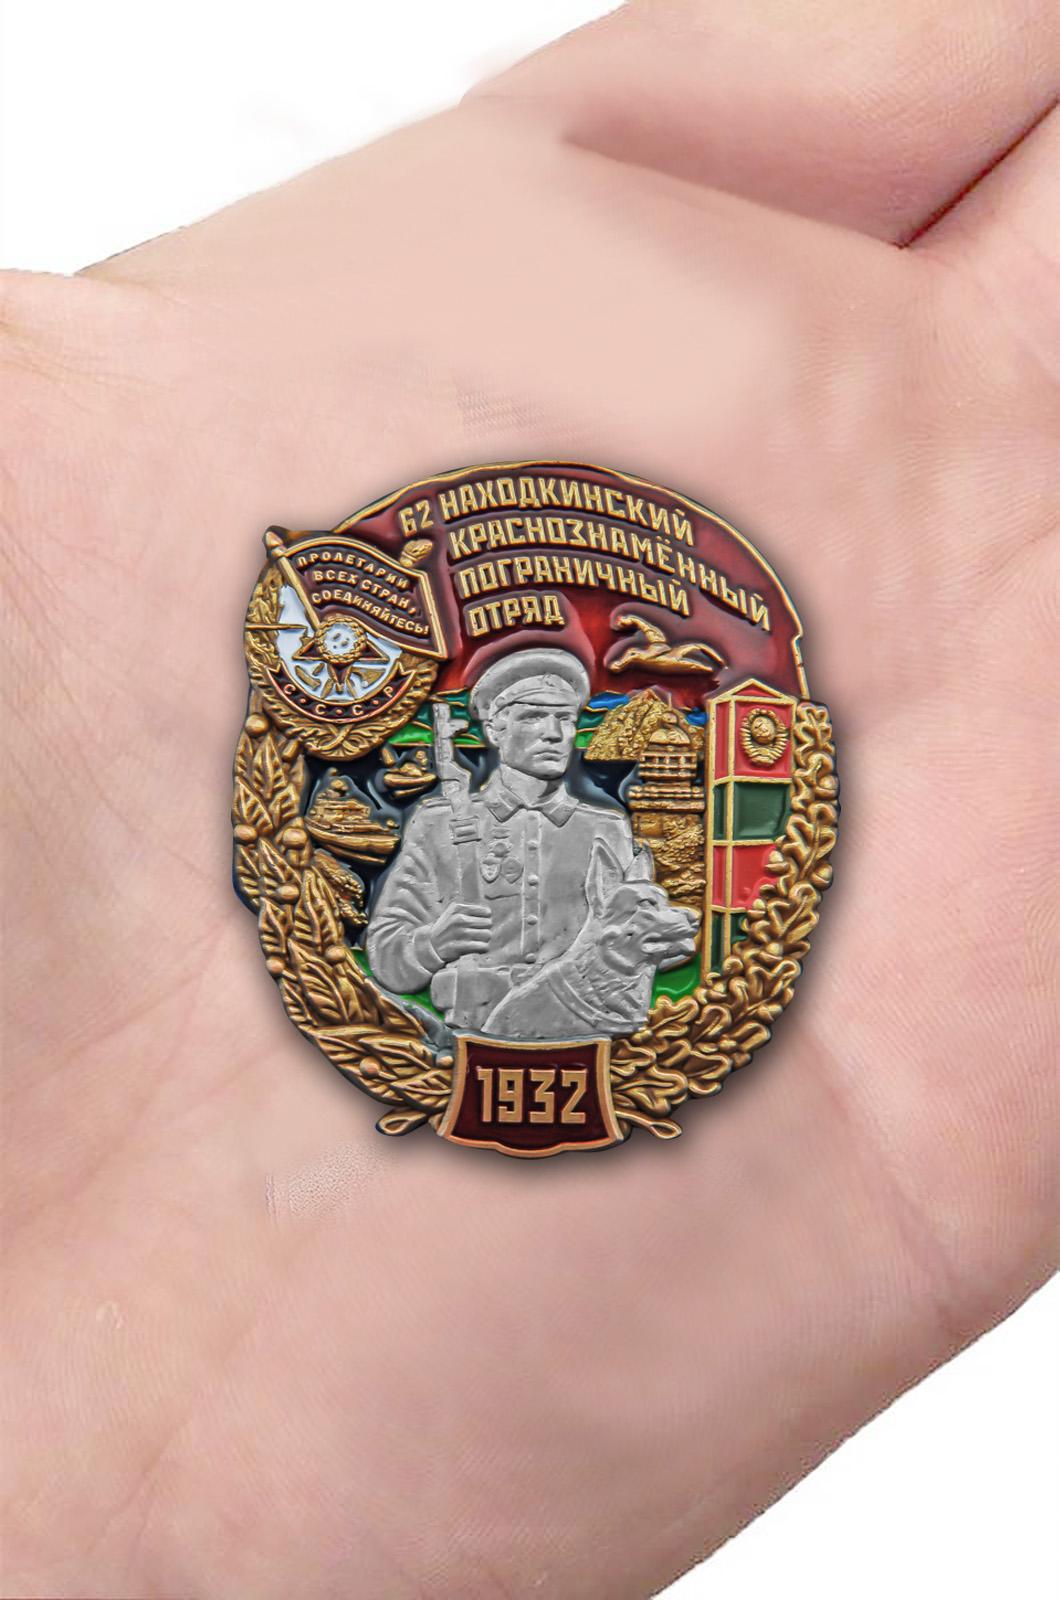 Памятный знак 62 Находкинский Краснознамённый пограничный отряд - вид на ладони